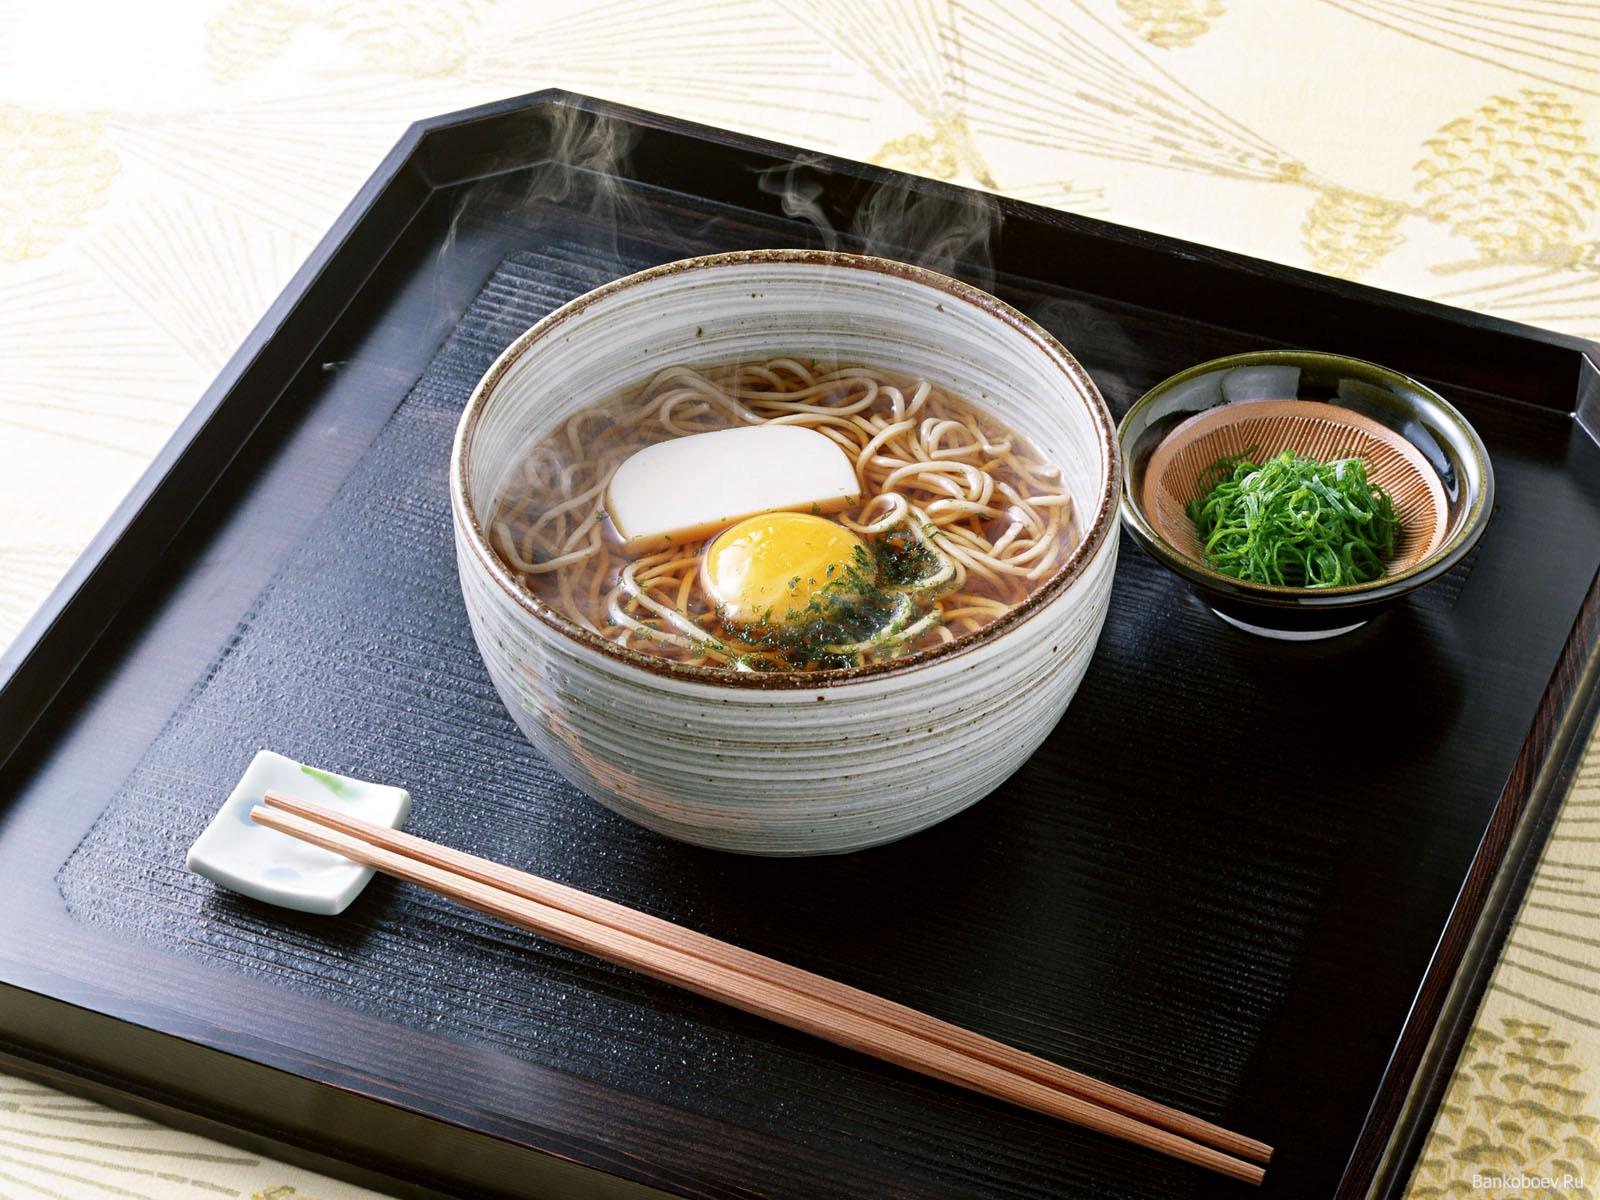 34 национальных блюда разных стран, которые должен попробовать каждый рекомендации